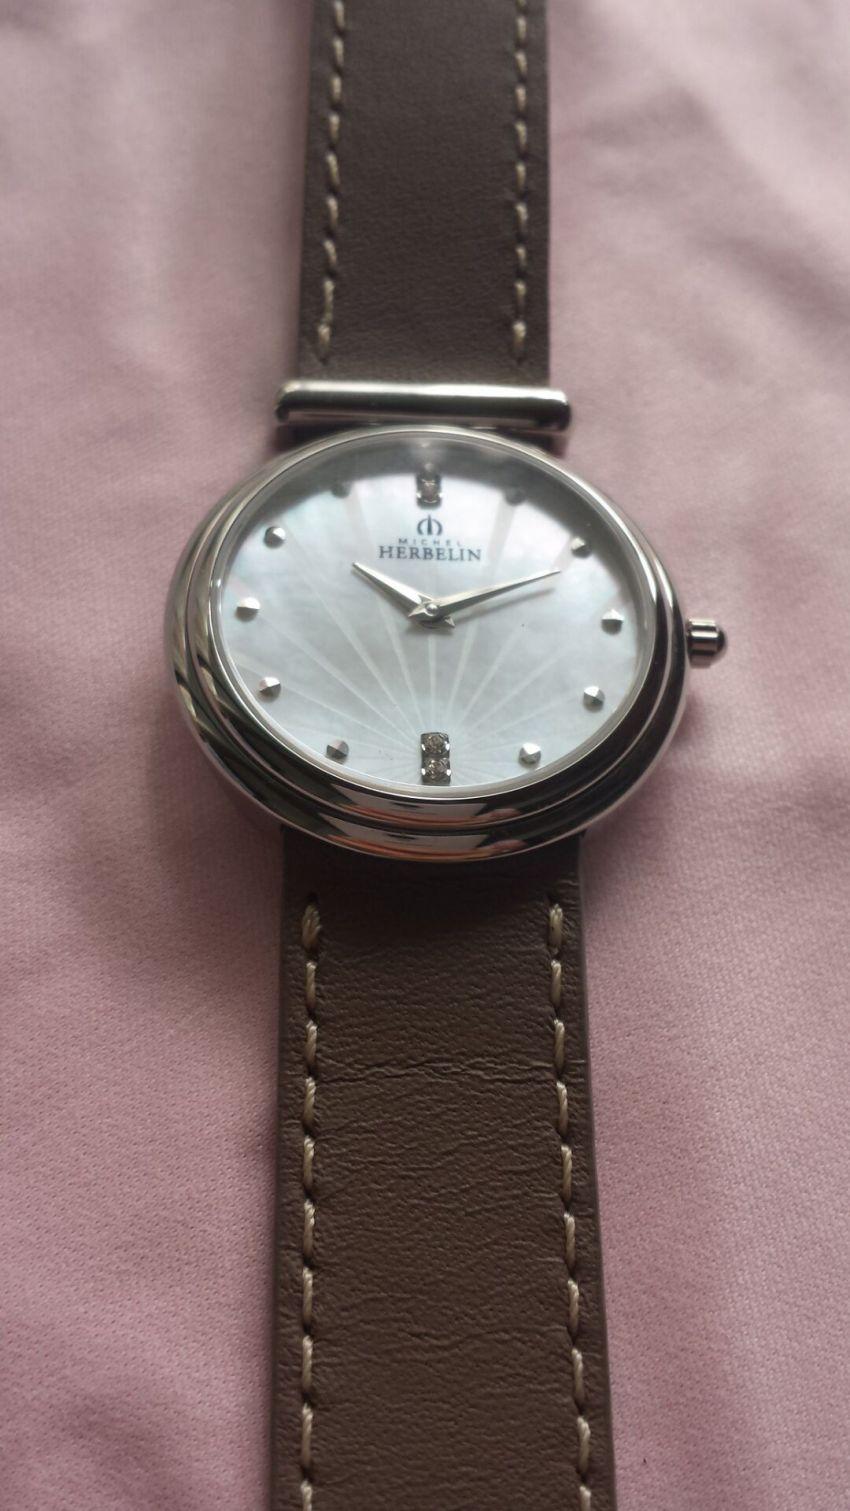 赫柏林17465/59TAL手表【表友晒单作业】设计很独特...